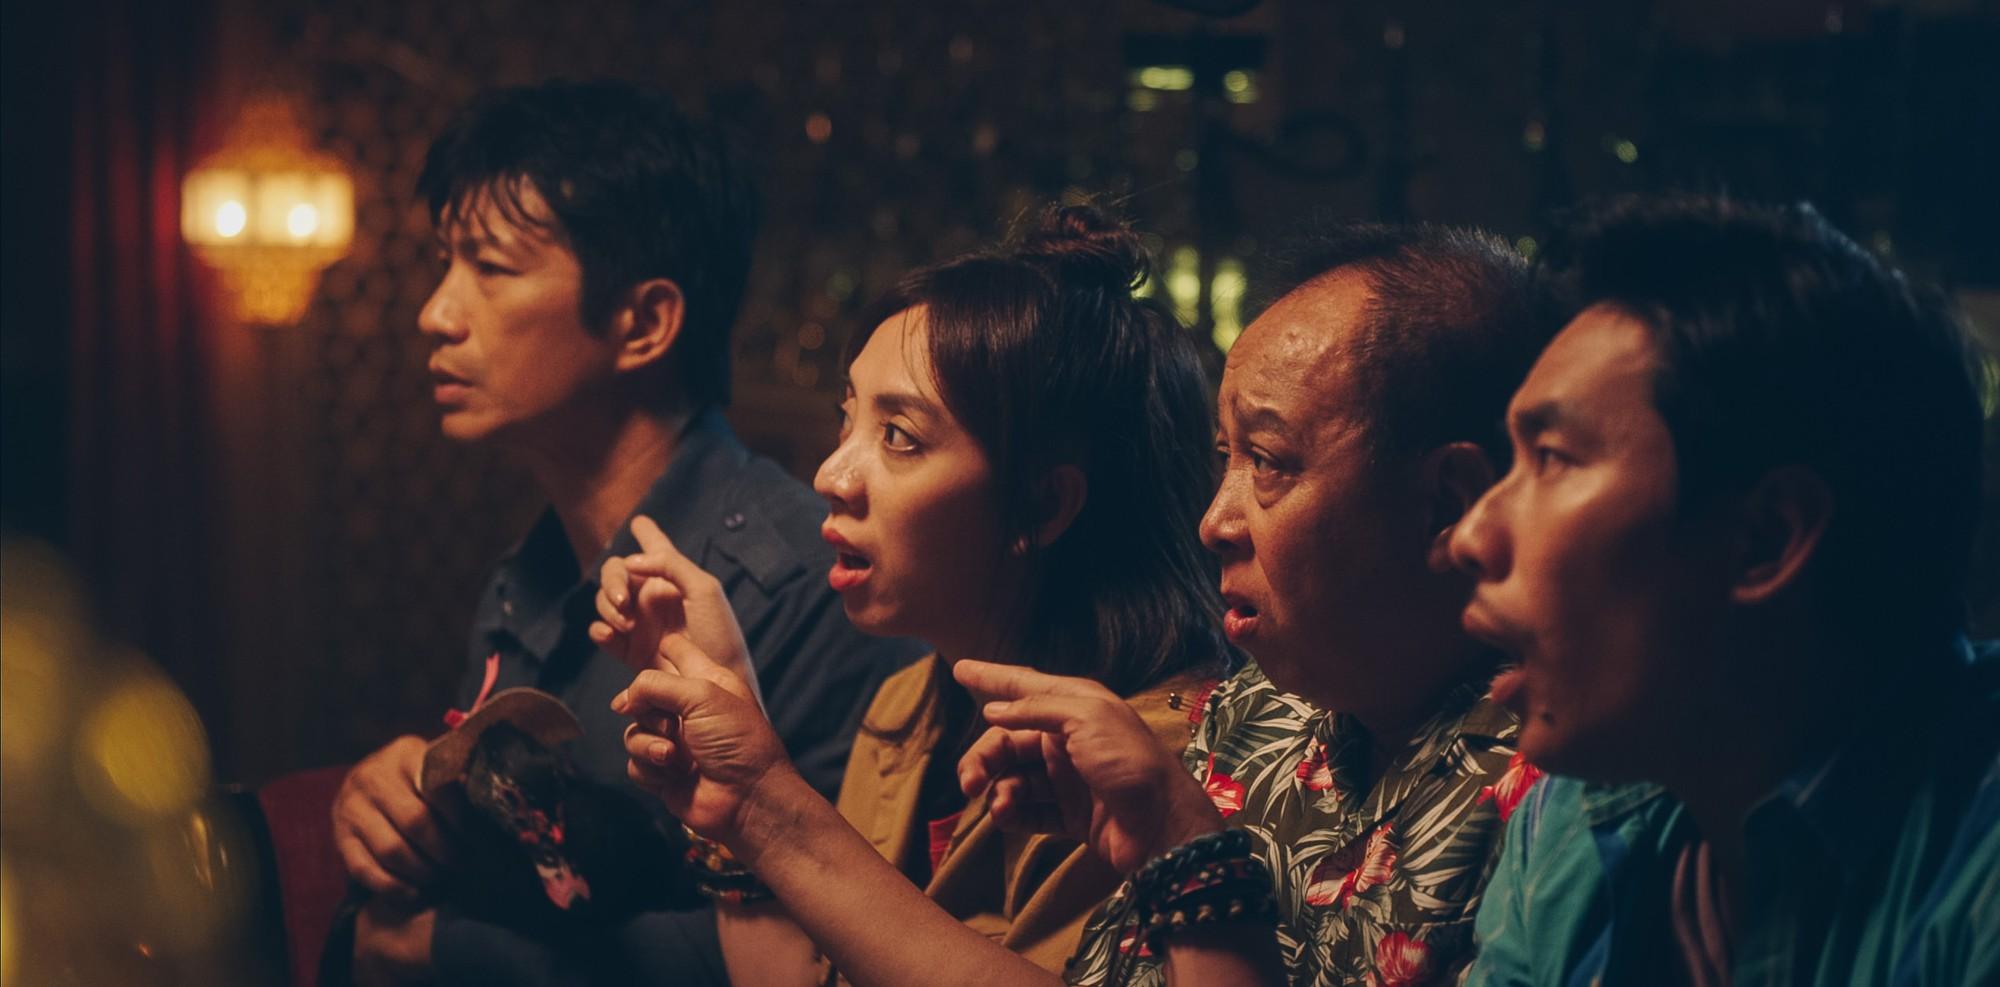 Điện ảnh Việt nửa đầu 2018: Mùa điện ảnh rực rỡ - Ngôi vương lại trở về với phim ngoại - Ảnh 5.